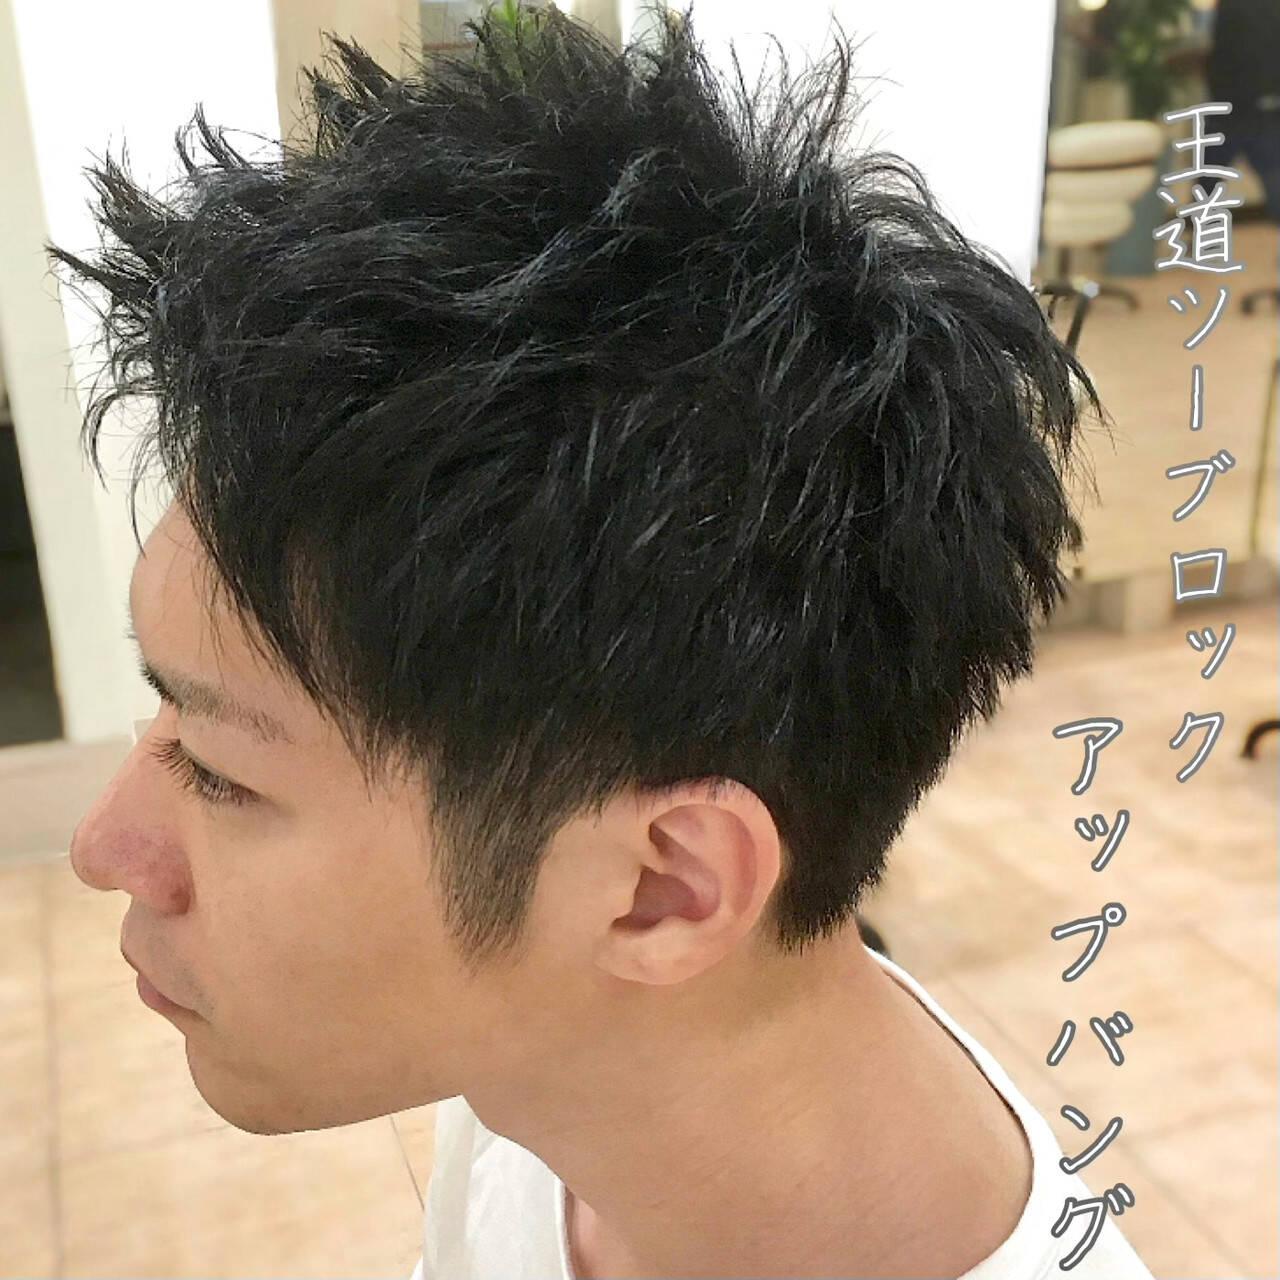 ツーブロック メンズ 刈り上げ 束感ヘアスタイルや髪型の写真・画像